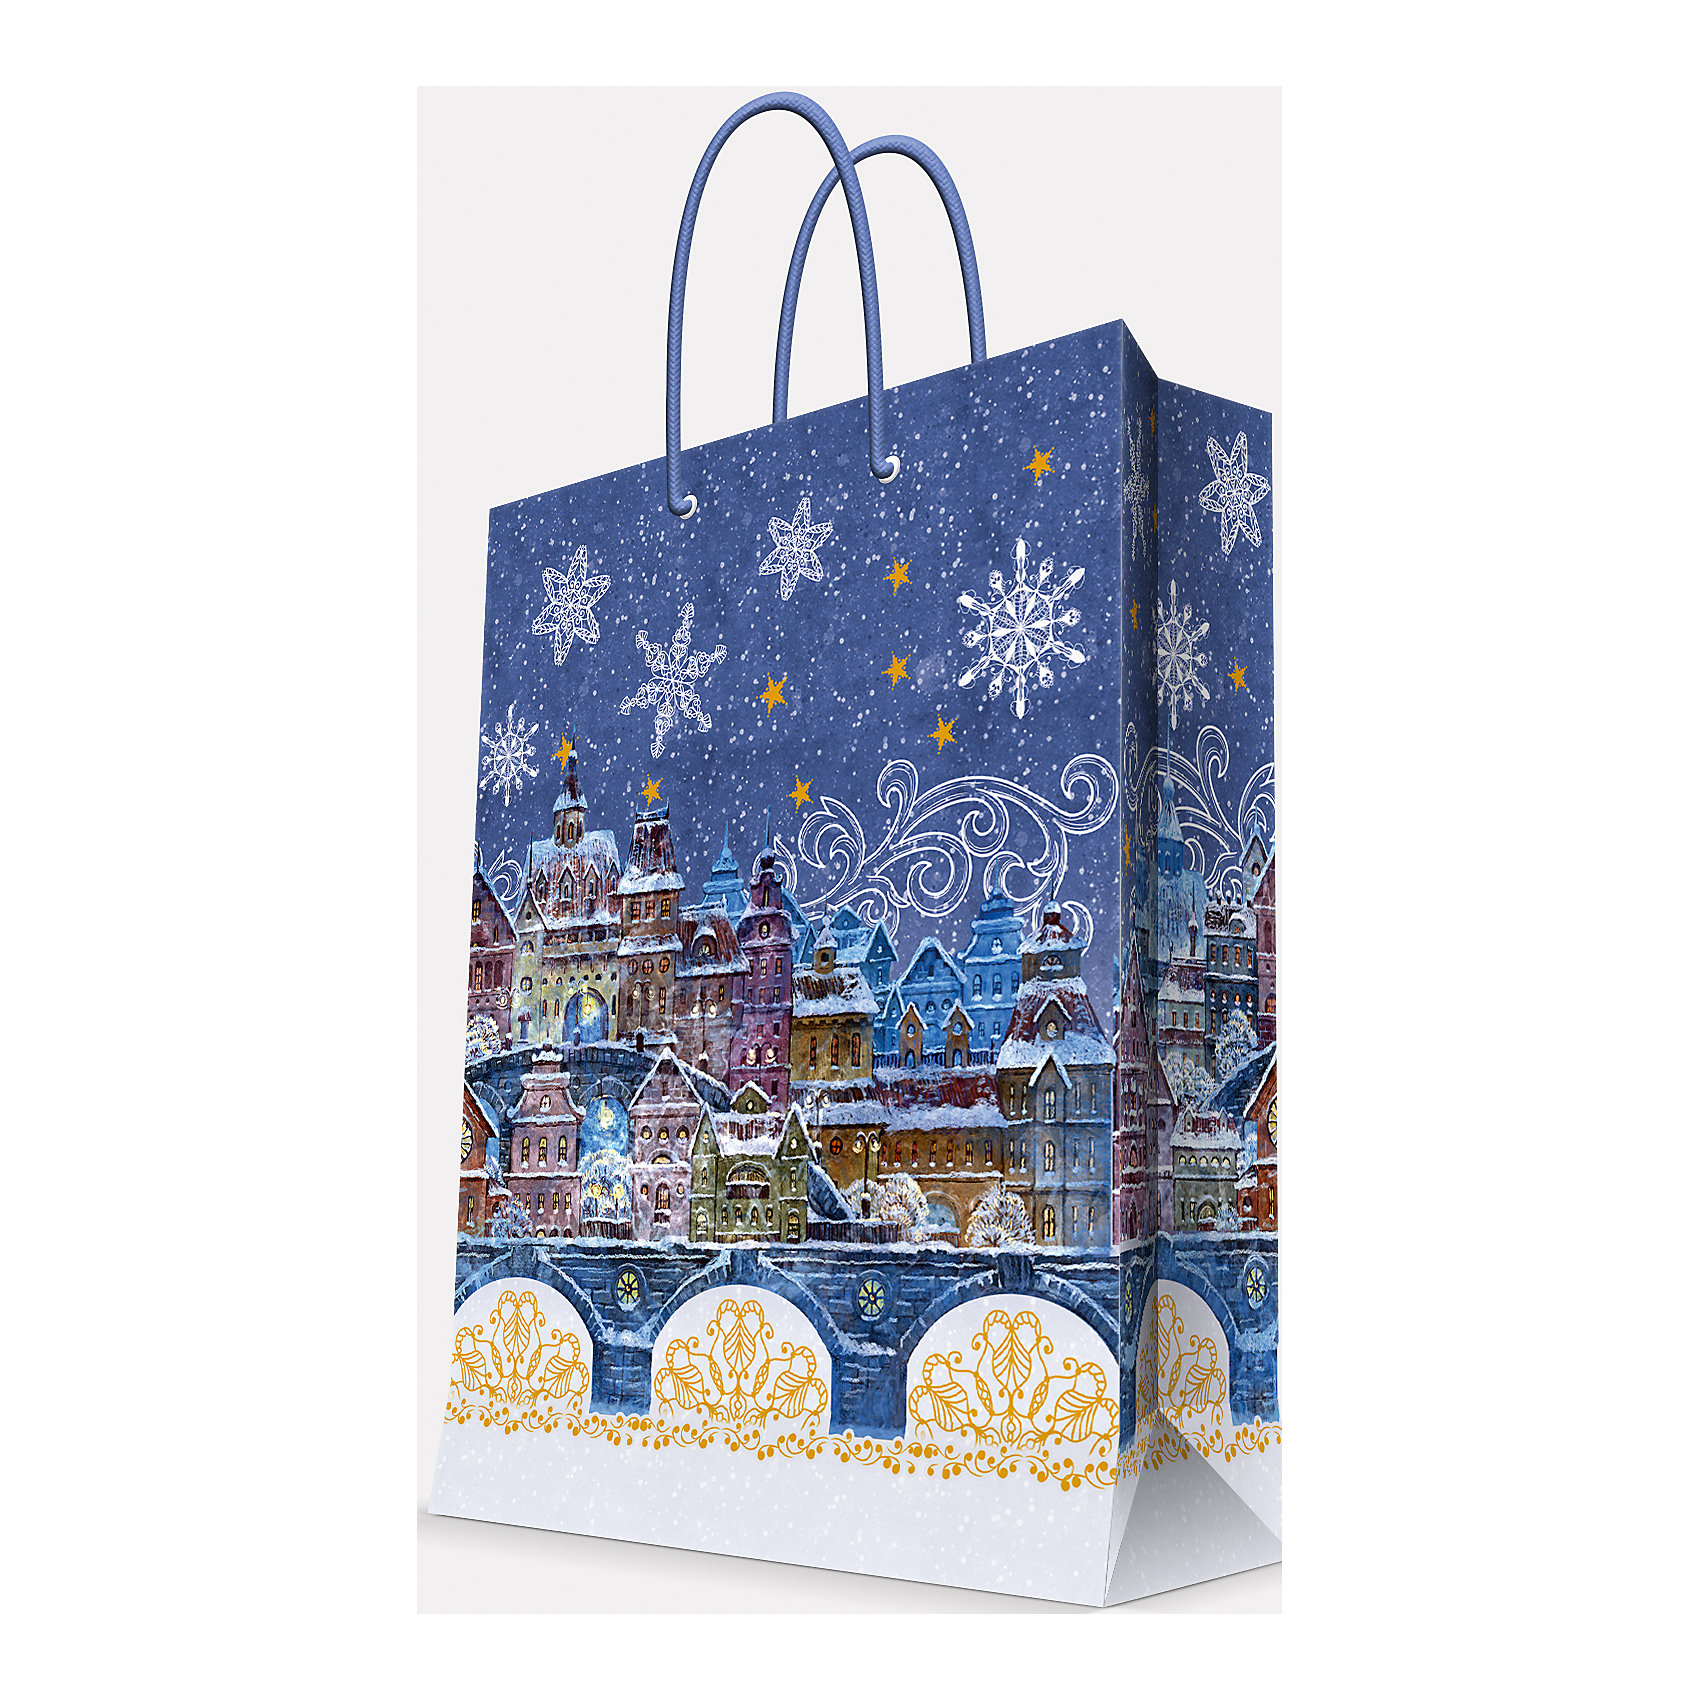 Magic Time Подарочный пакет Сказочный город 40,6*48,9*19 см magic time подарочный пакет снегурочка с малышом 26 32 4 12 7 см